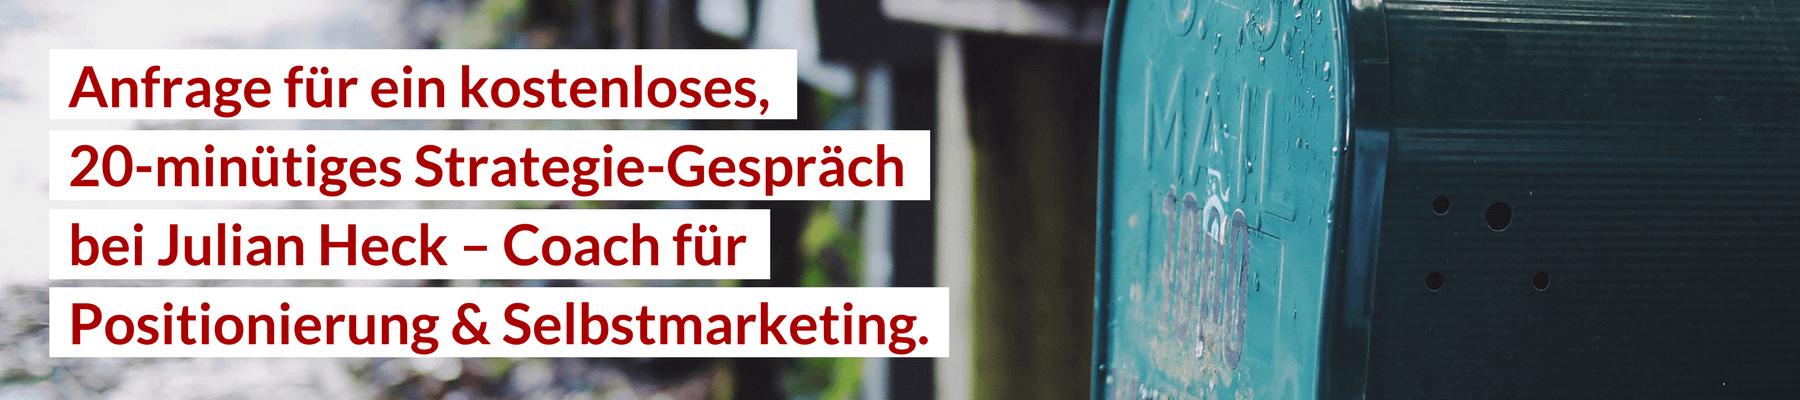 Anfrage für ein Strategie-Gespräch bei Julian Heck, Coach für Positionierung & Selbstmarketing | Personal Branding